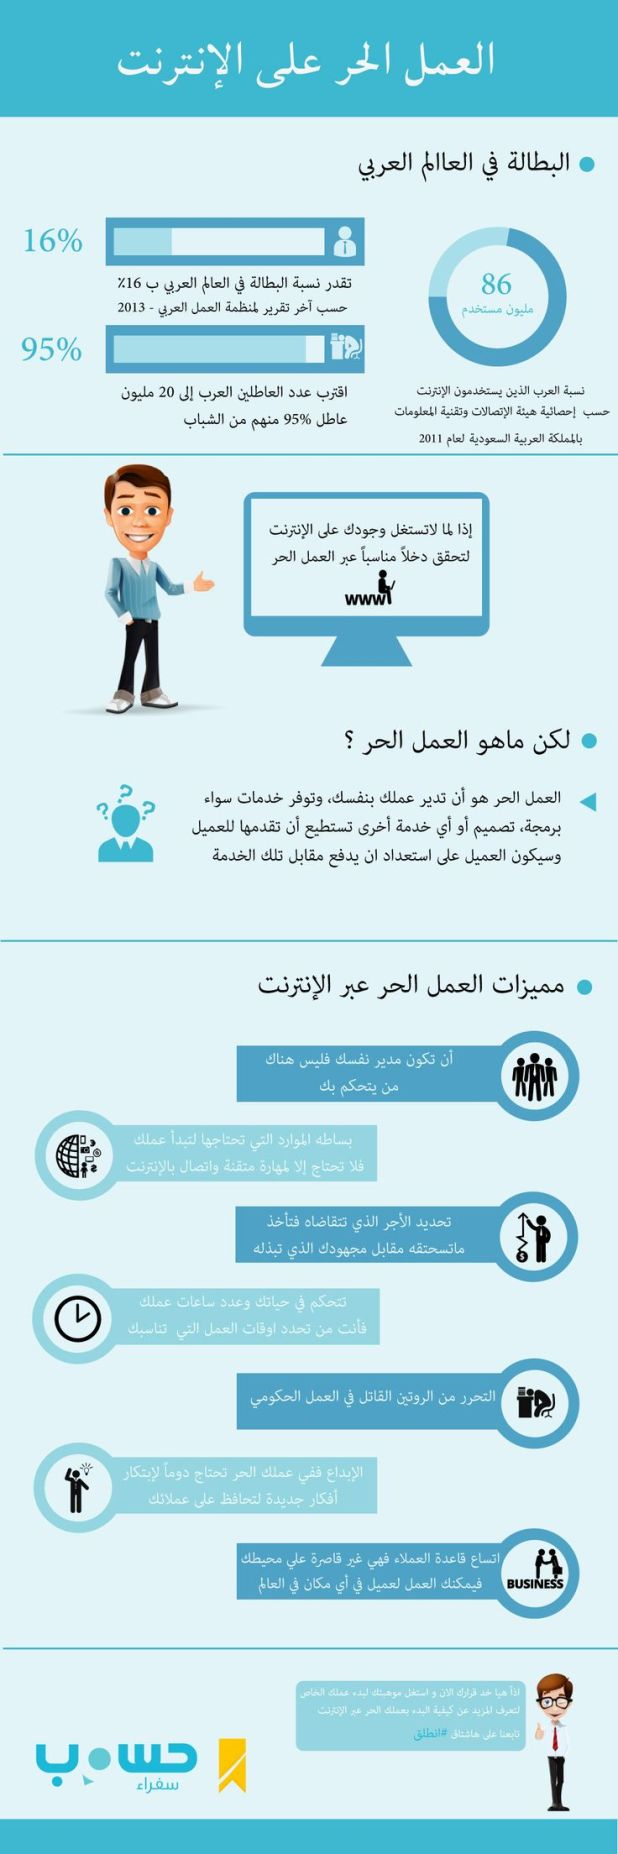 انفوجرافيك | العمل الحرّ على الإنترنت.